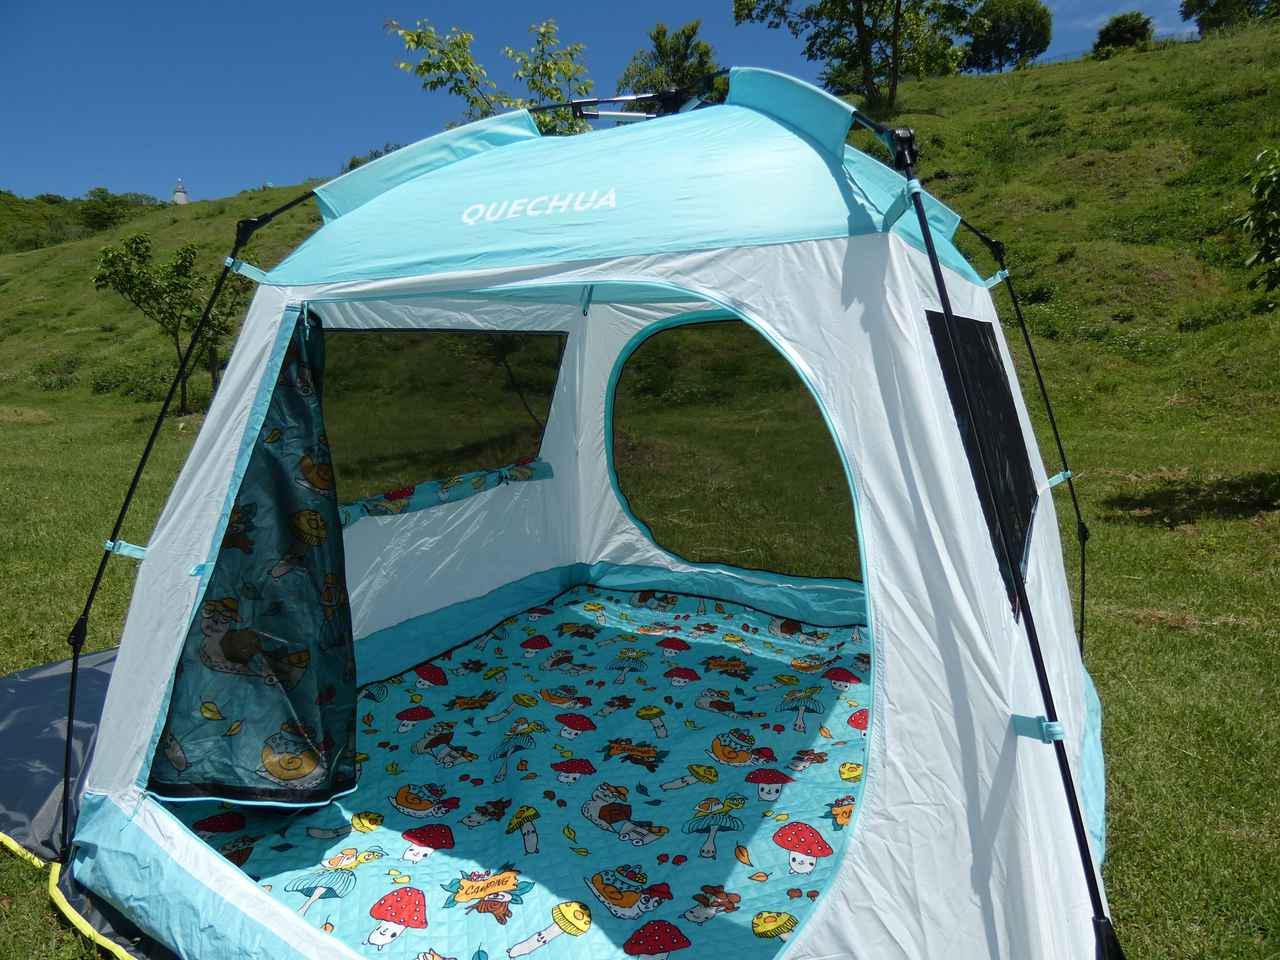 画像: 【レビュー】子どもとの外遊びを快適に! デカトロンのワンタッチサンシェルター・ケシュア「EASY SHELTER」を使ってみた - ハピキャン|キャンプ・アウトドア情報メディア